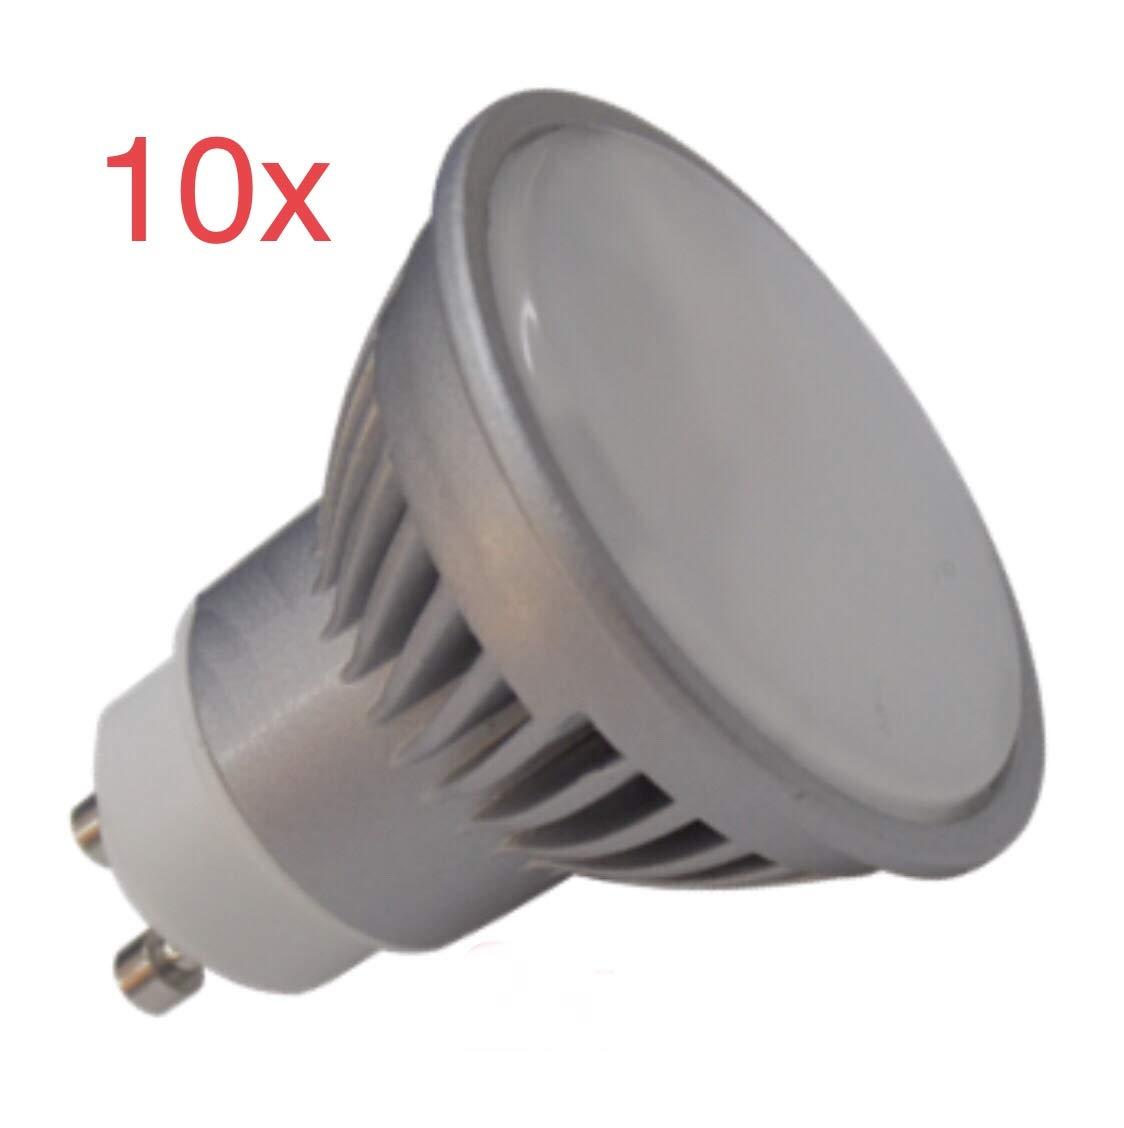 Pack 10x GU10 LED 7W potentisima. Color Blanco Calido (3000K). 680 lumenes reales - Recambio bombillas 60w: Amazon.es: Iluminación